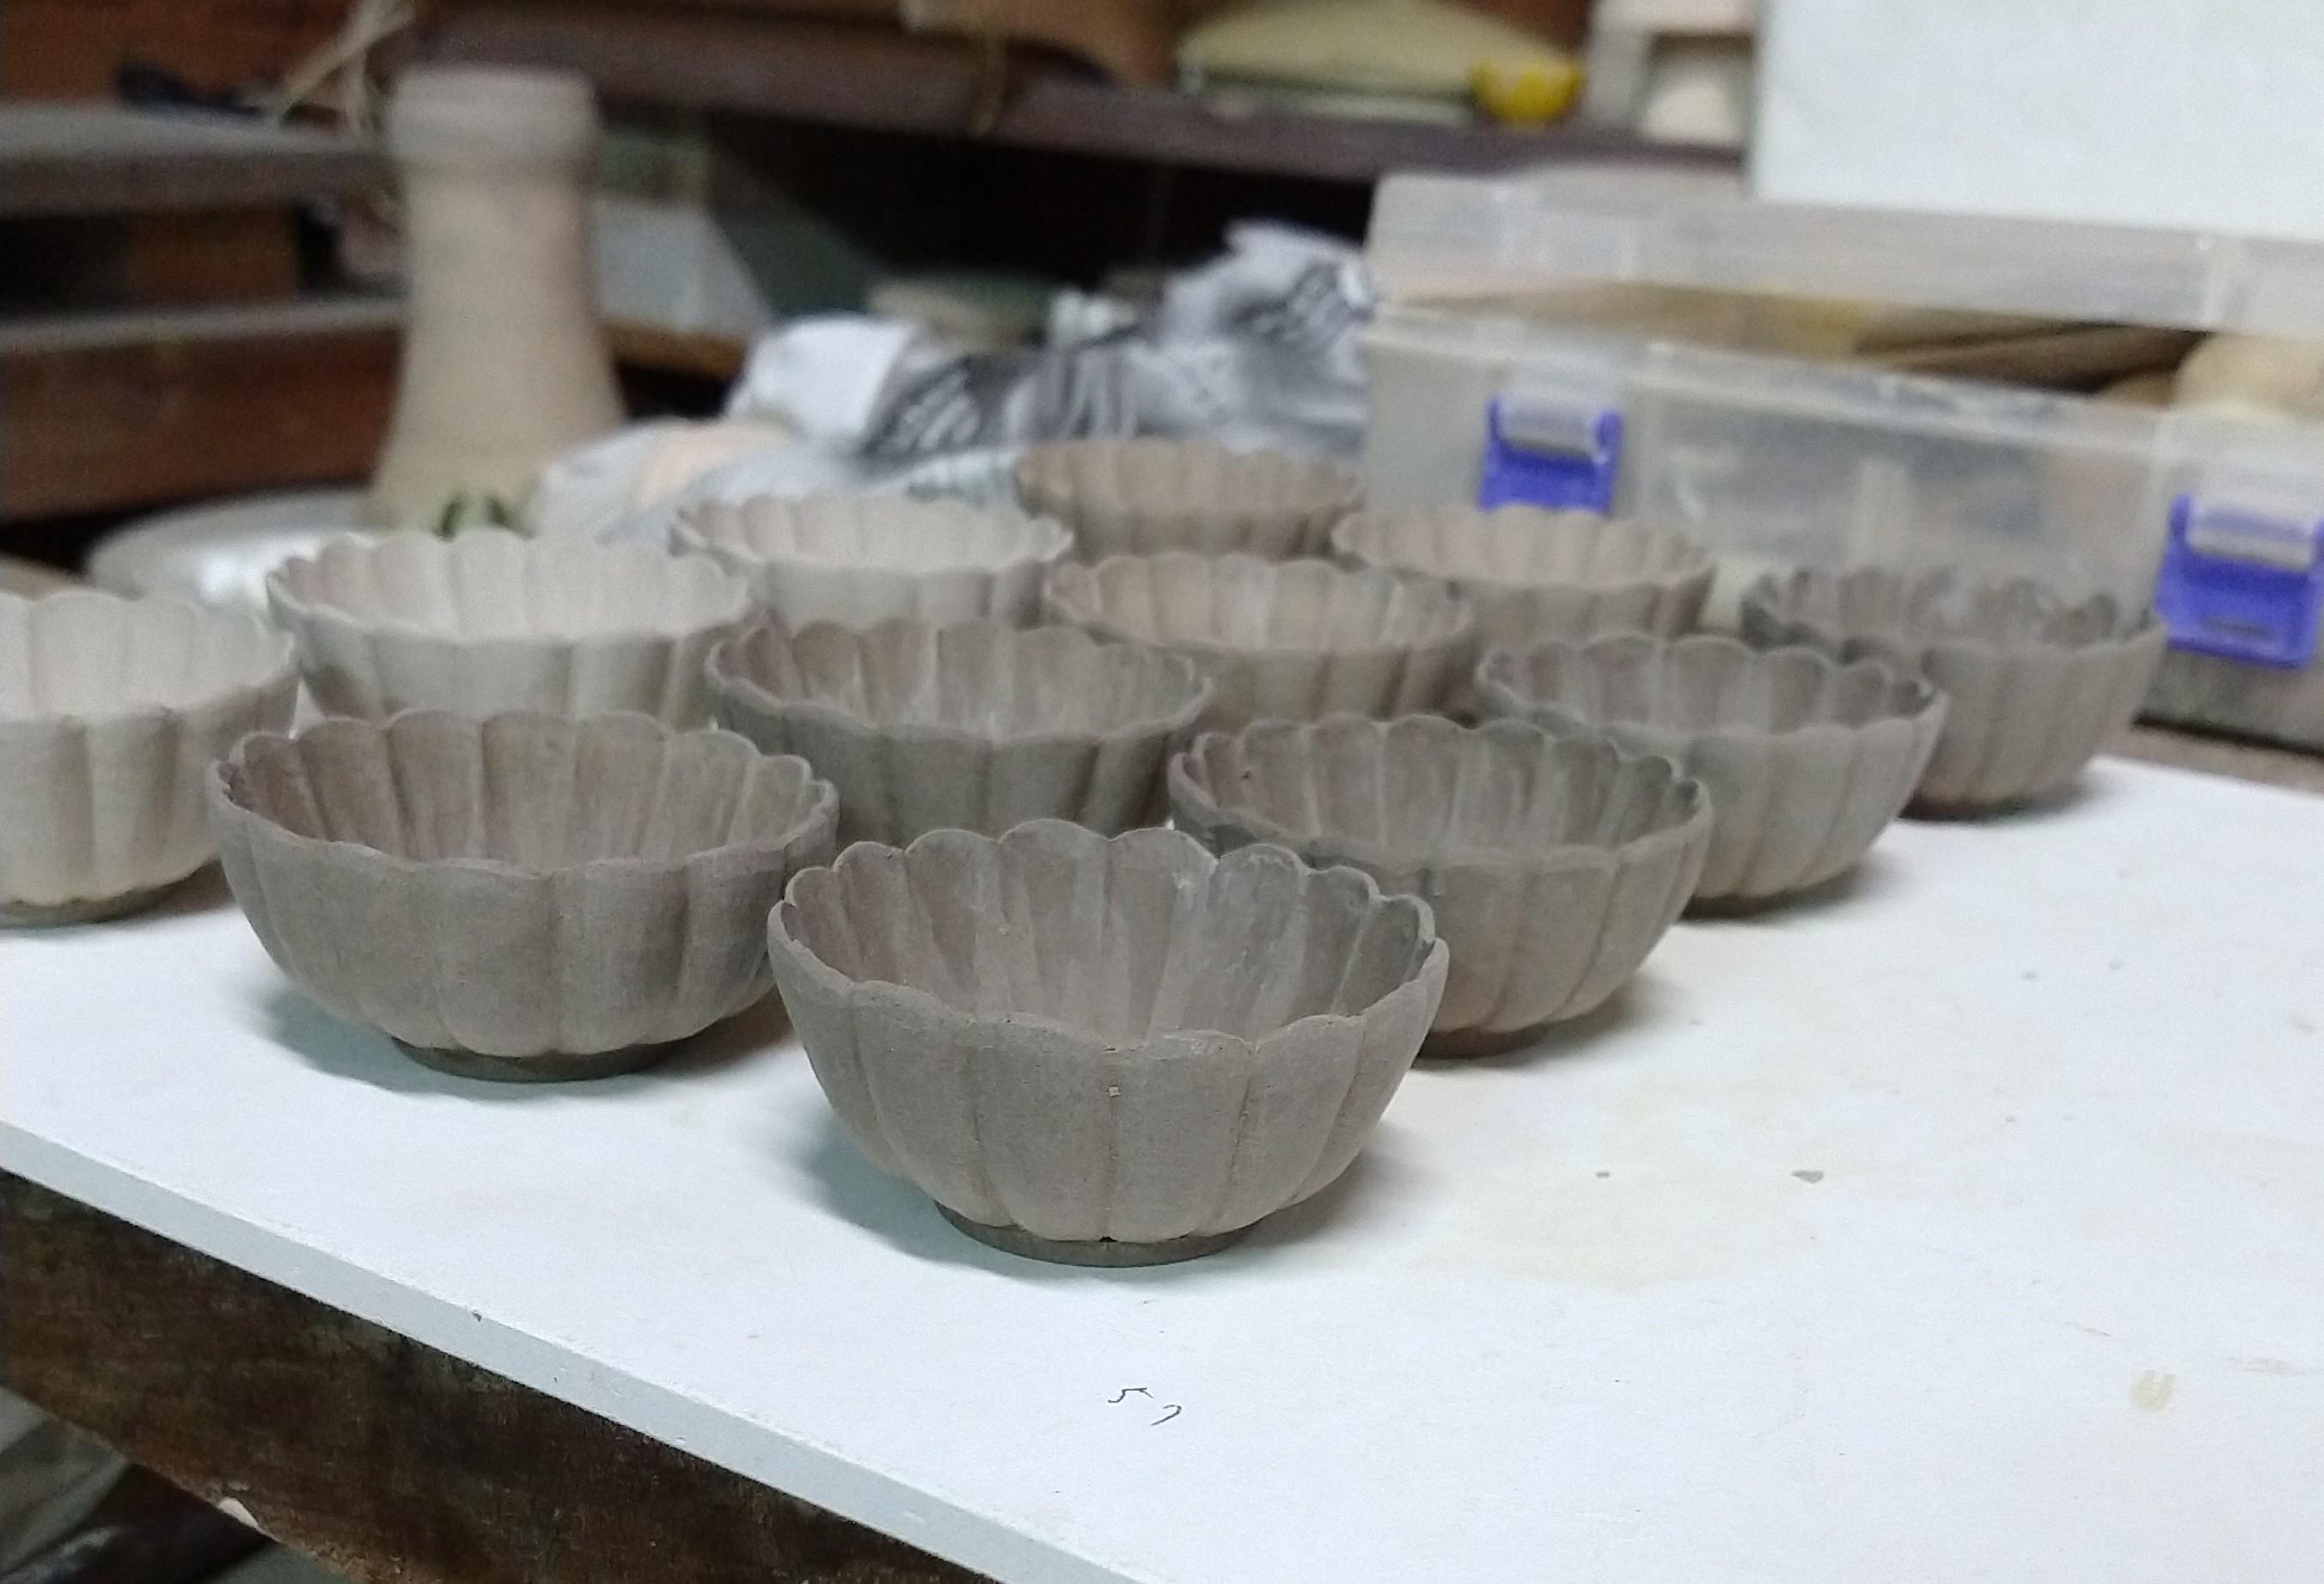 黃交趾菊形豆鉢−削り仕上げ